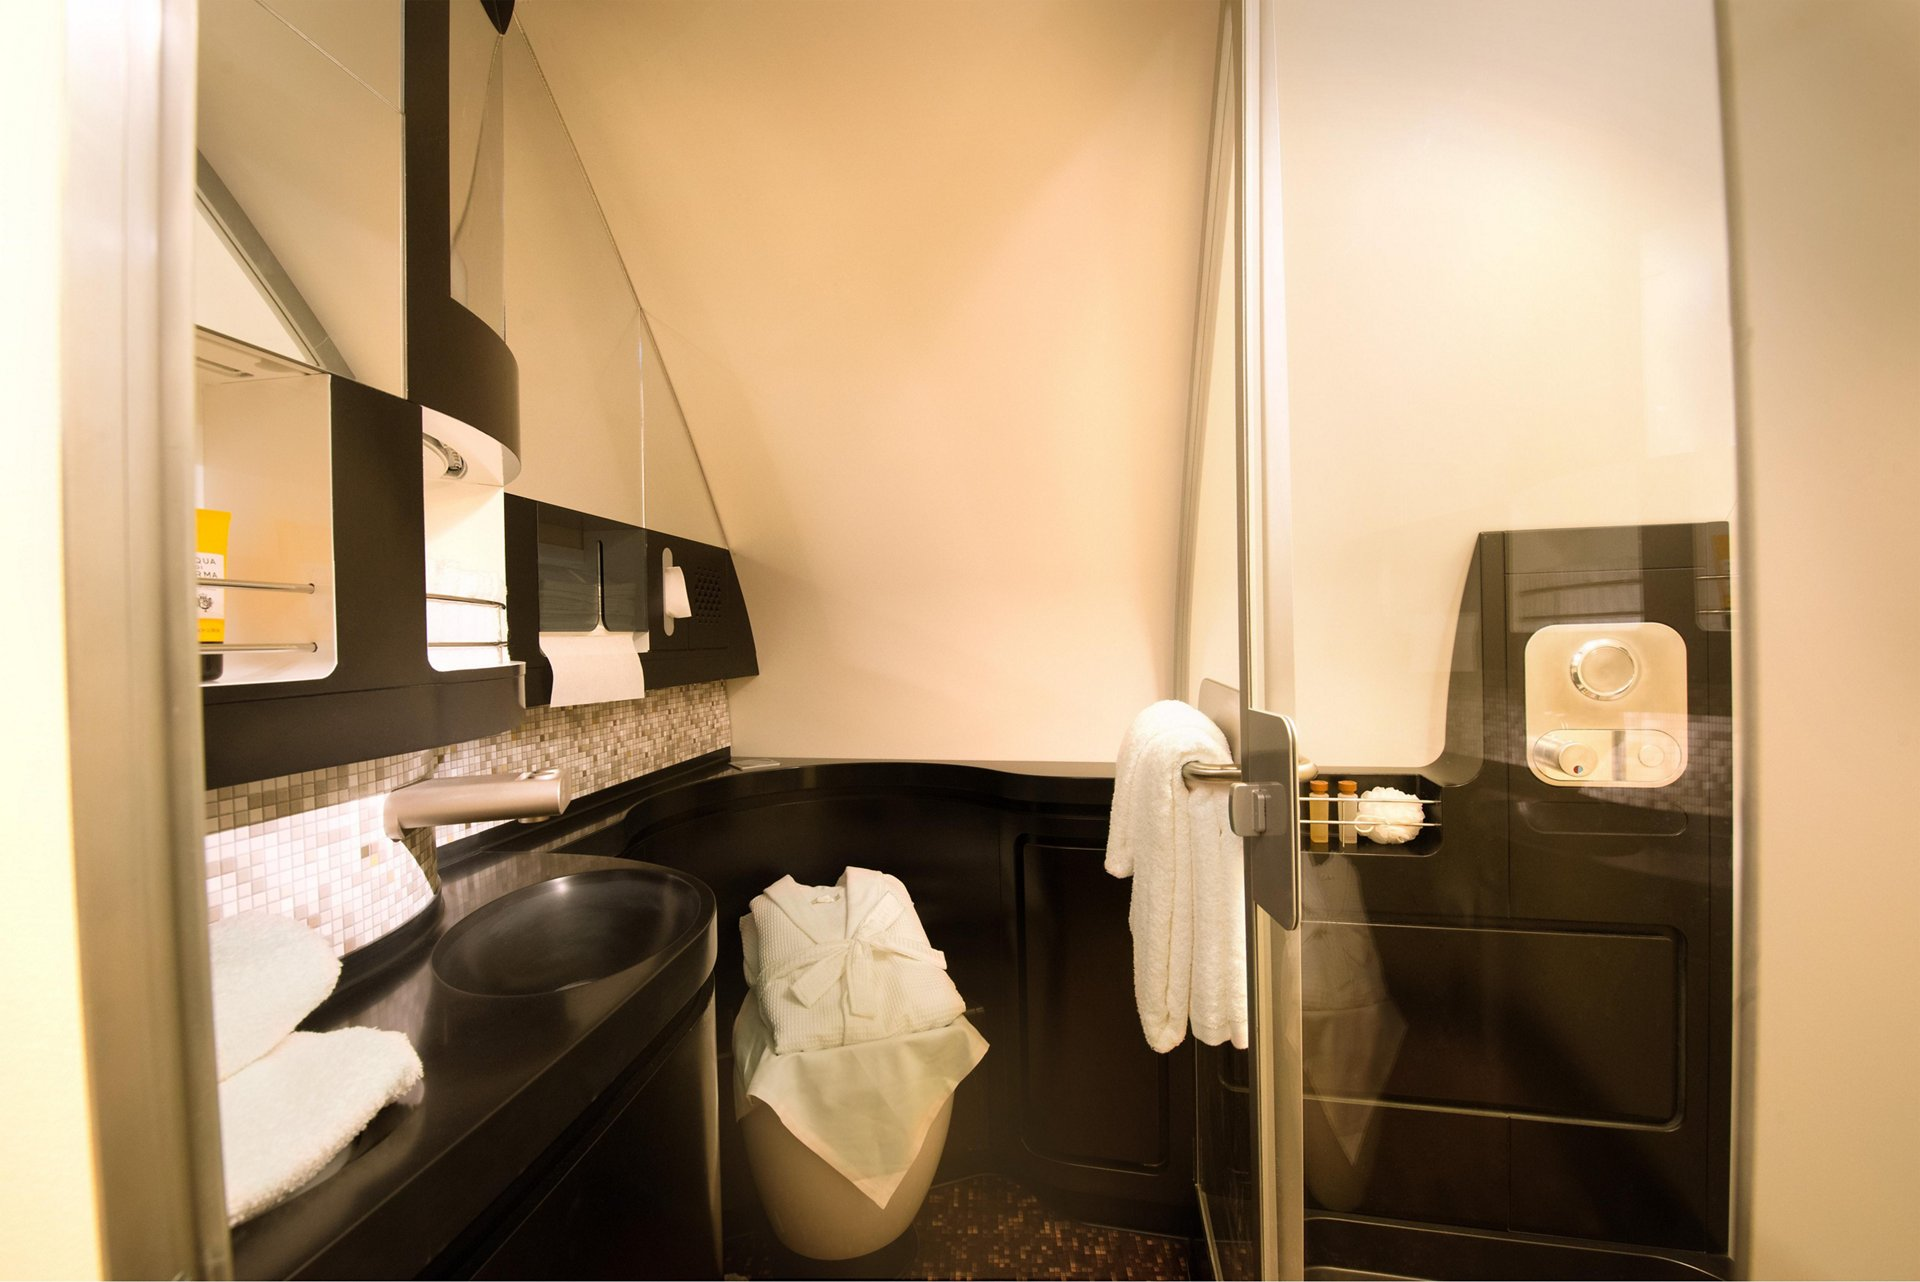 A380 Etihad The Residence bathroom